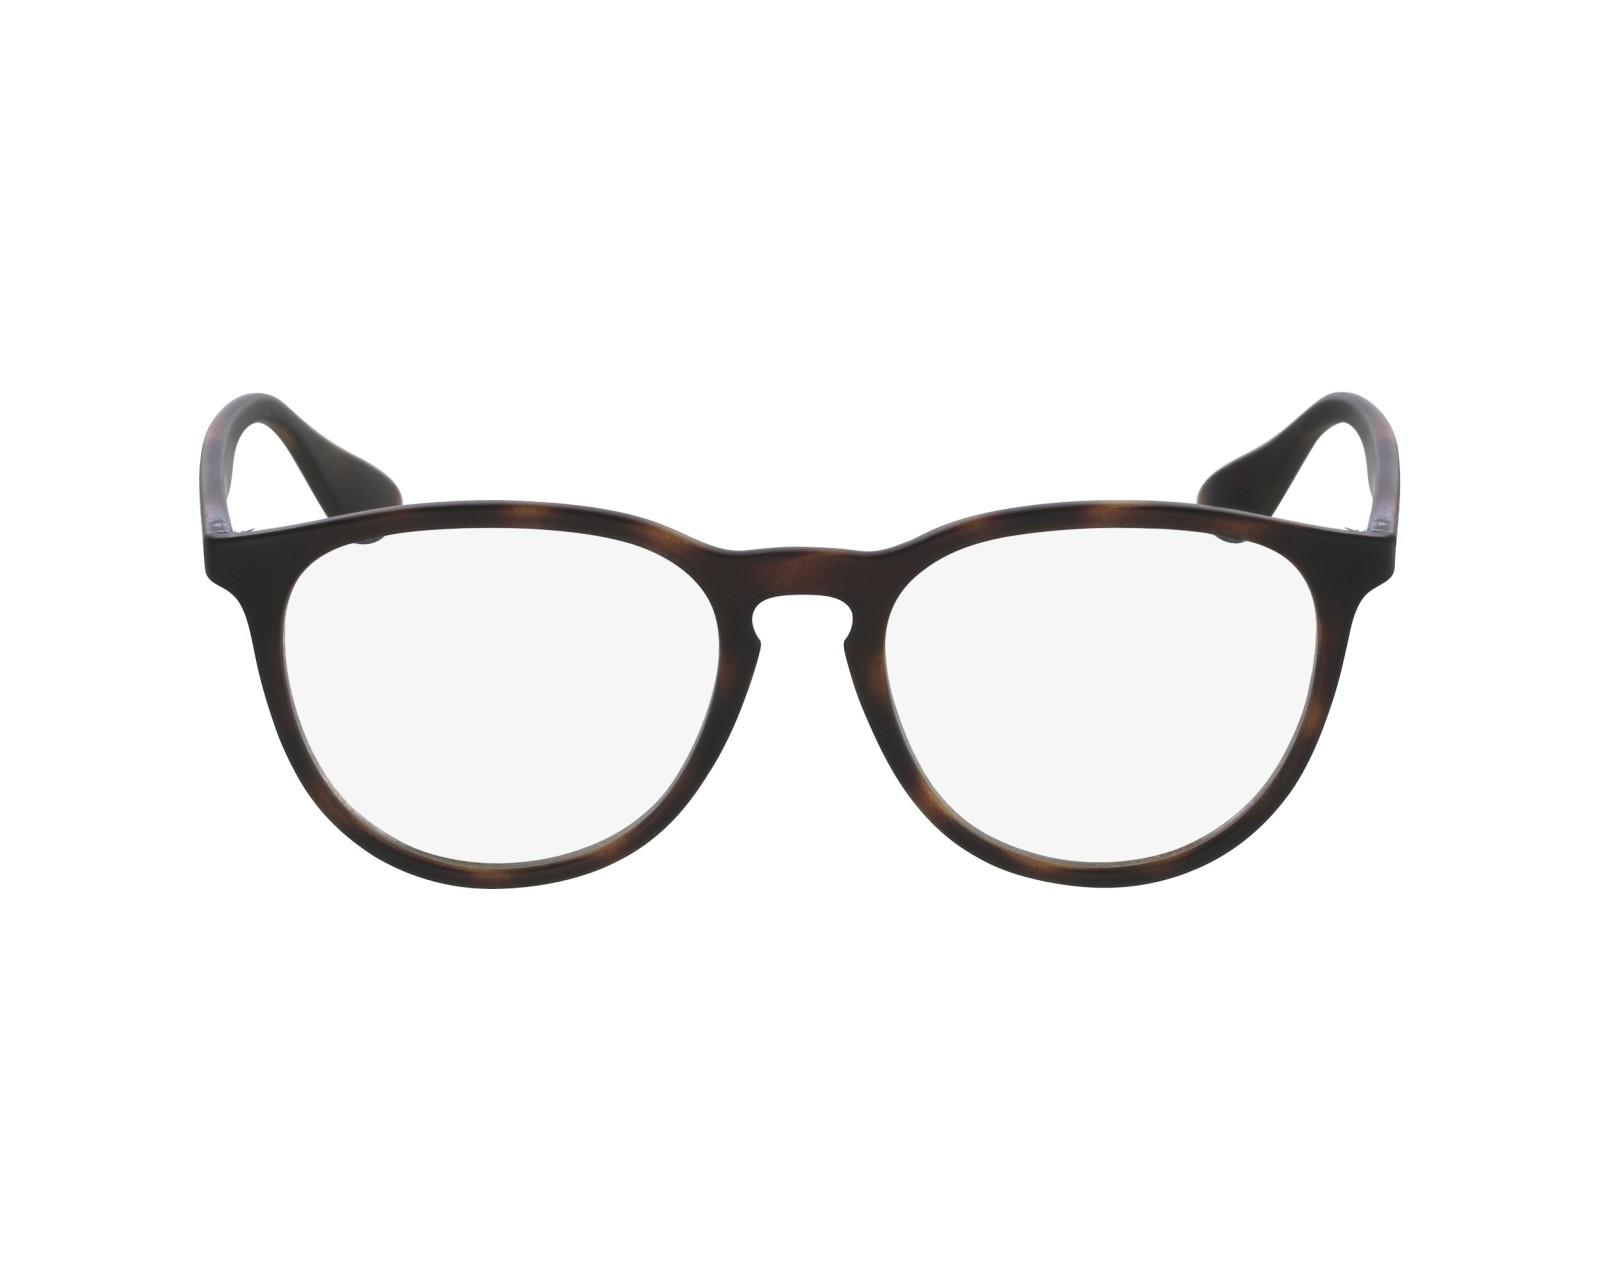 28a9db5472 Ray Ban Eyeglasses Rx 7046 Havana - Hibernian Coins and Notes